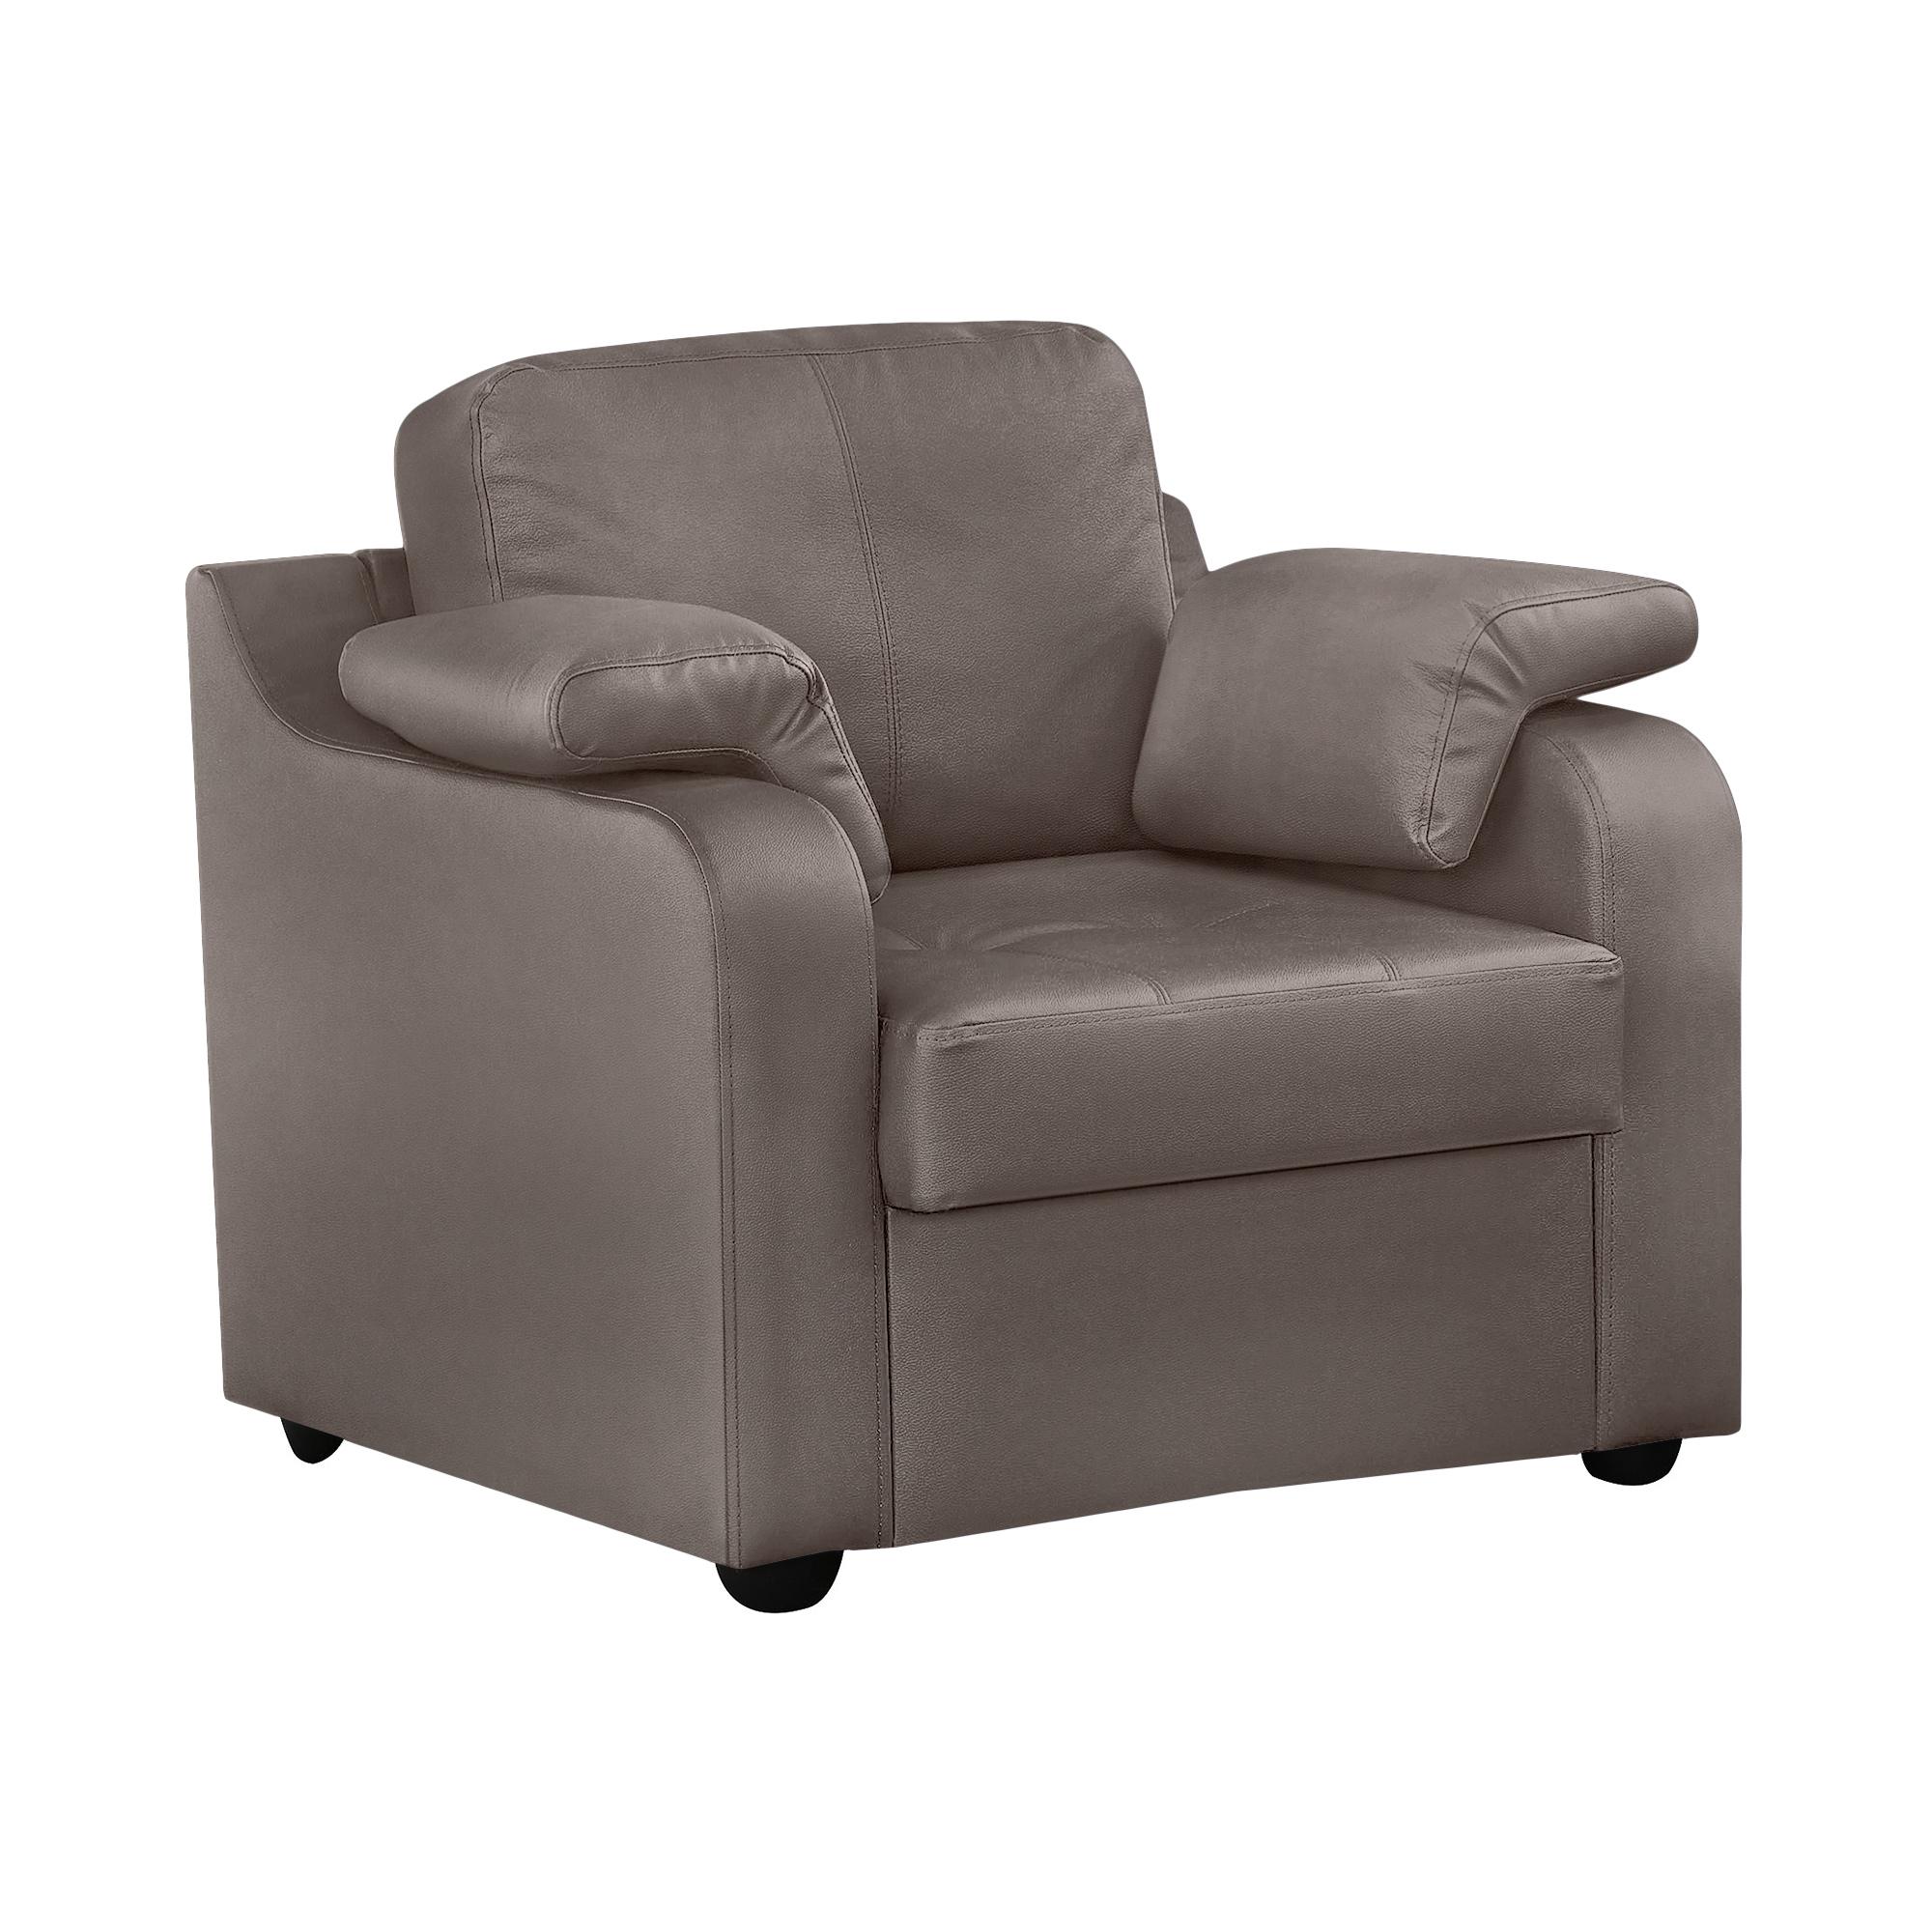 Кресло ФС Надия натуральная кожа 89x88x88 серое